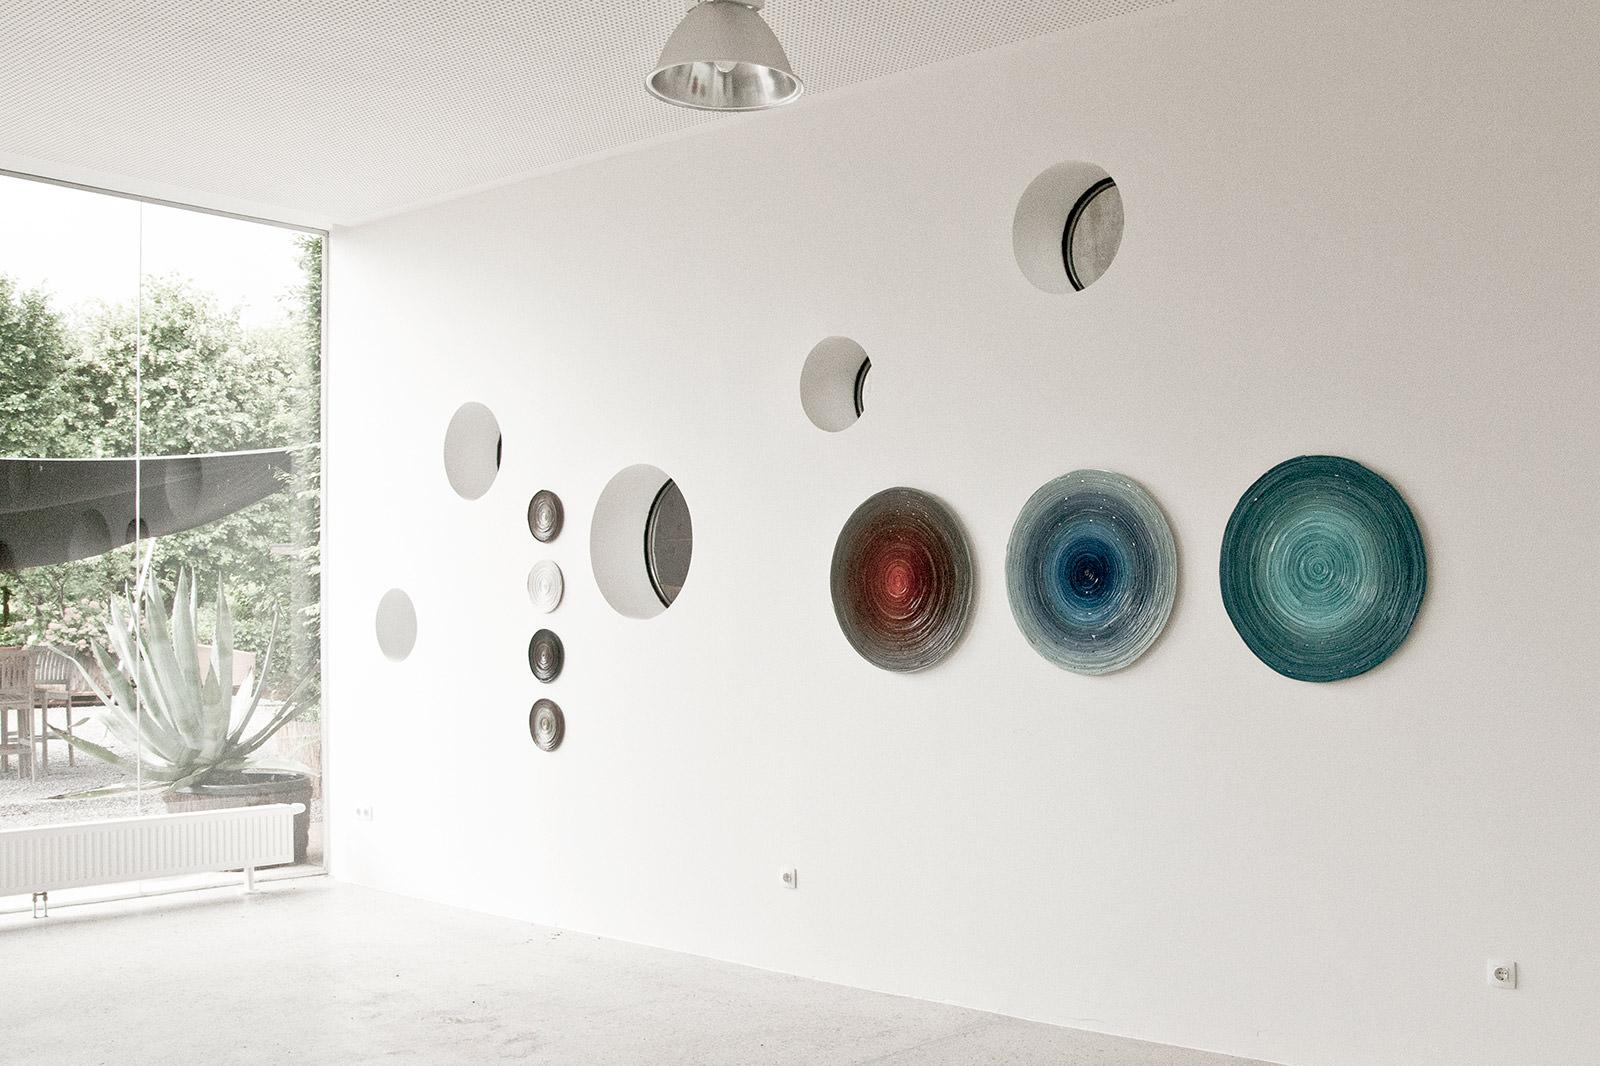 Spiralen, 2013 @ Landschaftsarchitektur Halbartschlager, Sierning (AT)